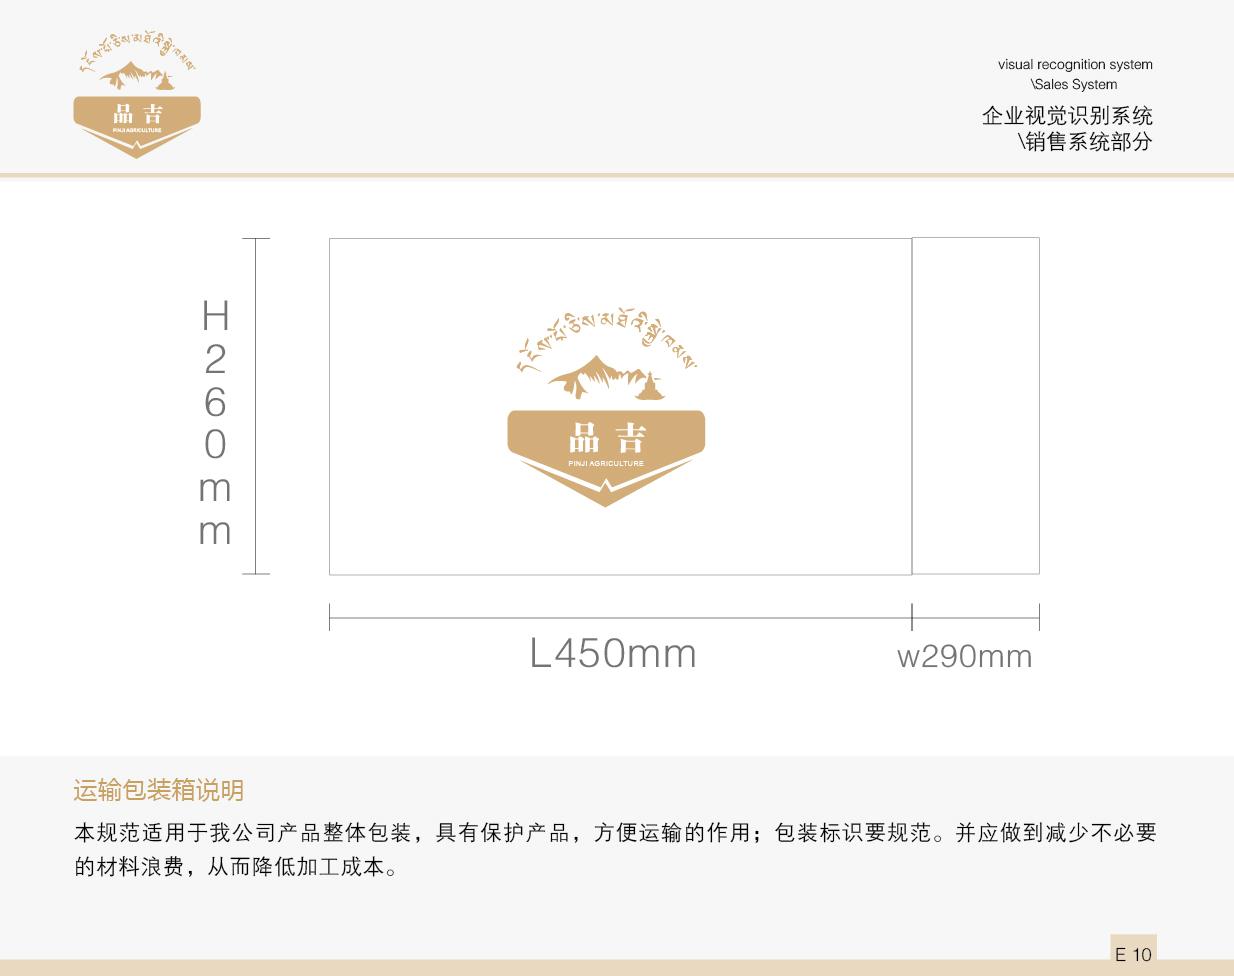 品吉农业VI 销售系统部分  客户资料  第11张